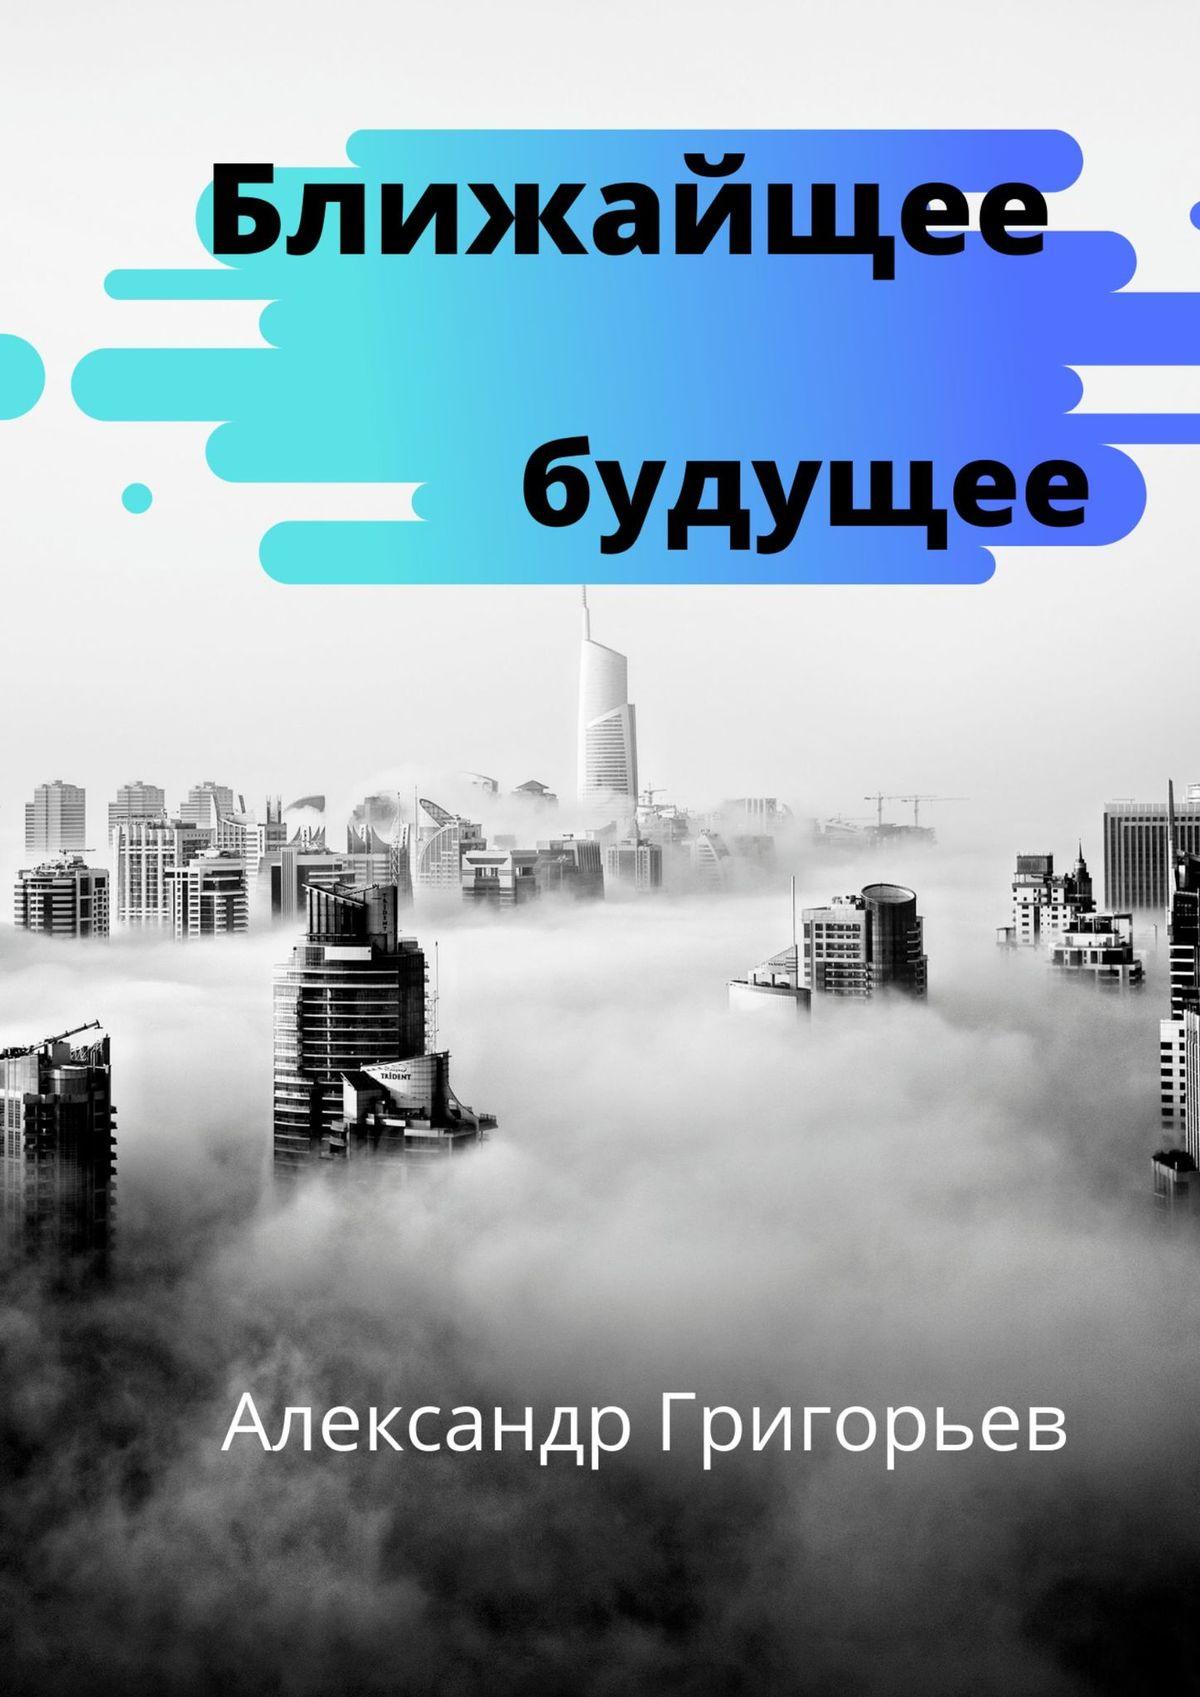 Александр Владимирович Григорьев Ближайшее будущее александр григорьев создатель будущего